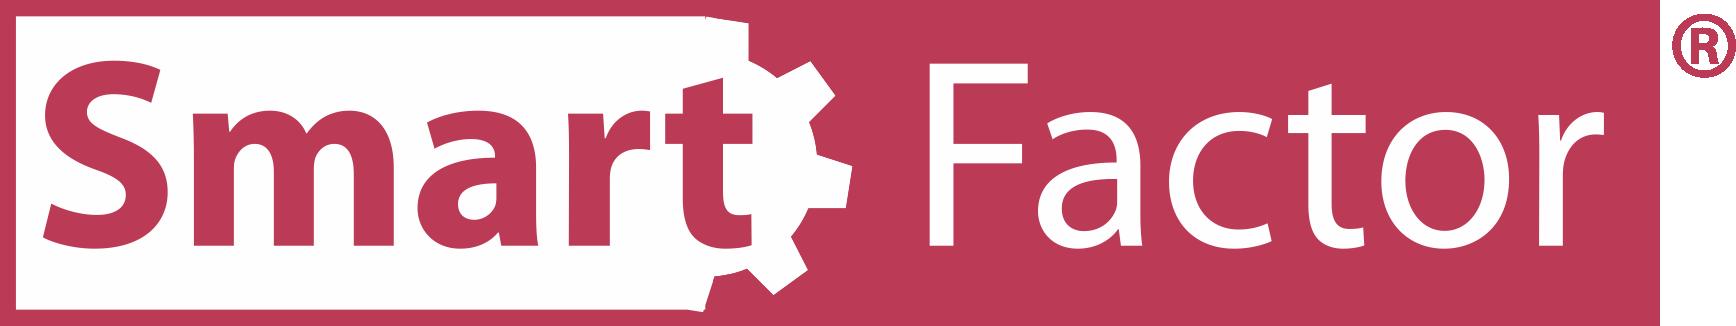 Logotipo SmartFactor